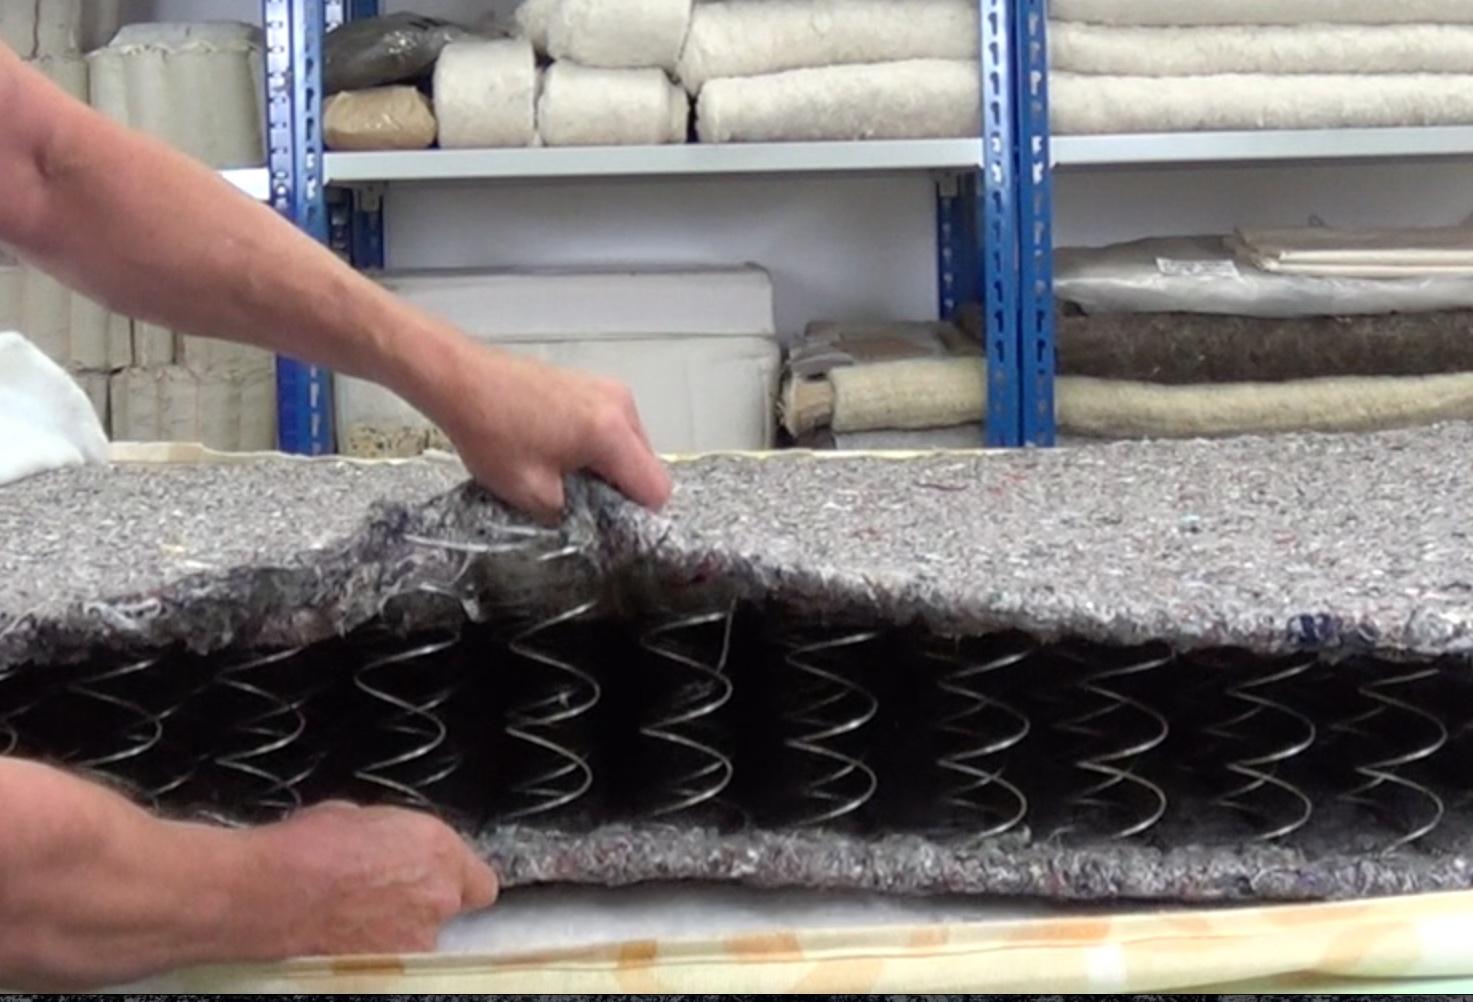 A man holding open a cage sprung mattress